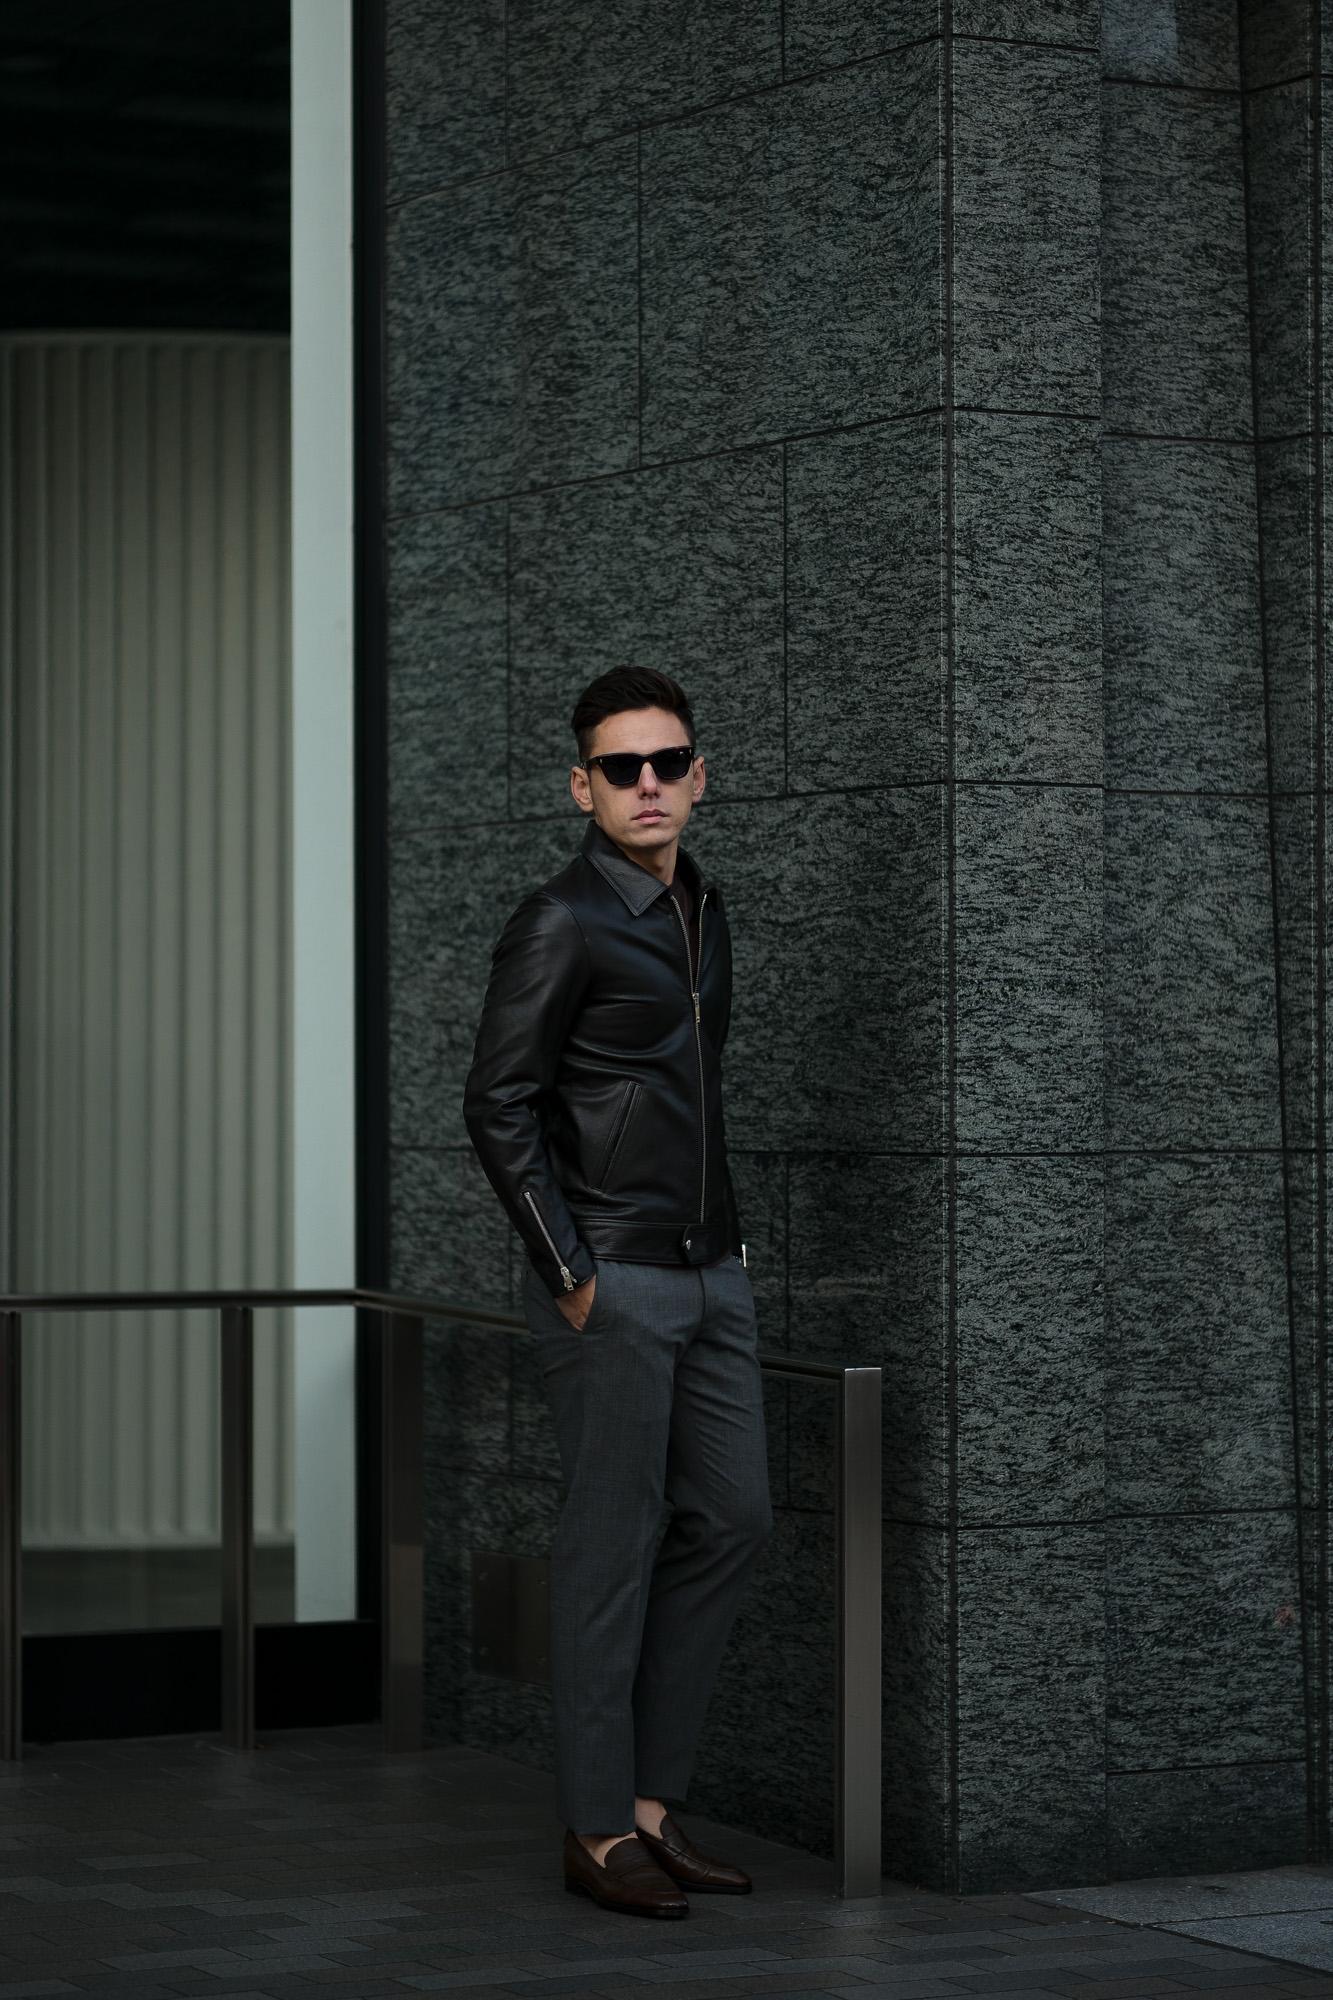 Cuervo (クエルボ) Satisfaction Leather Collection (サティスファクション レザー コレクション) TOM (トム) BUFFALO LEATHER (バッファロー レザー) シングル ライダース ジャケット BROWN (ブラウン) MADE IN JAPAN (日本製) 2020 春夏 クエルボ レザージャケット 愛知 名古屋 alto e diritto アルトエデリット セレクトショップ